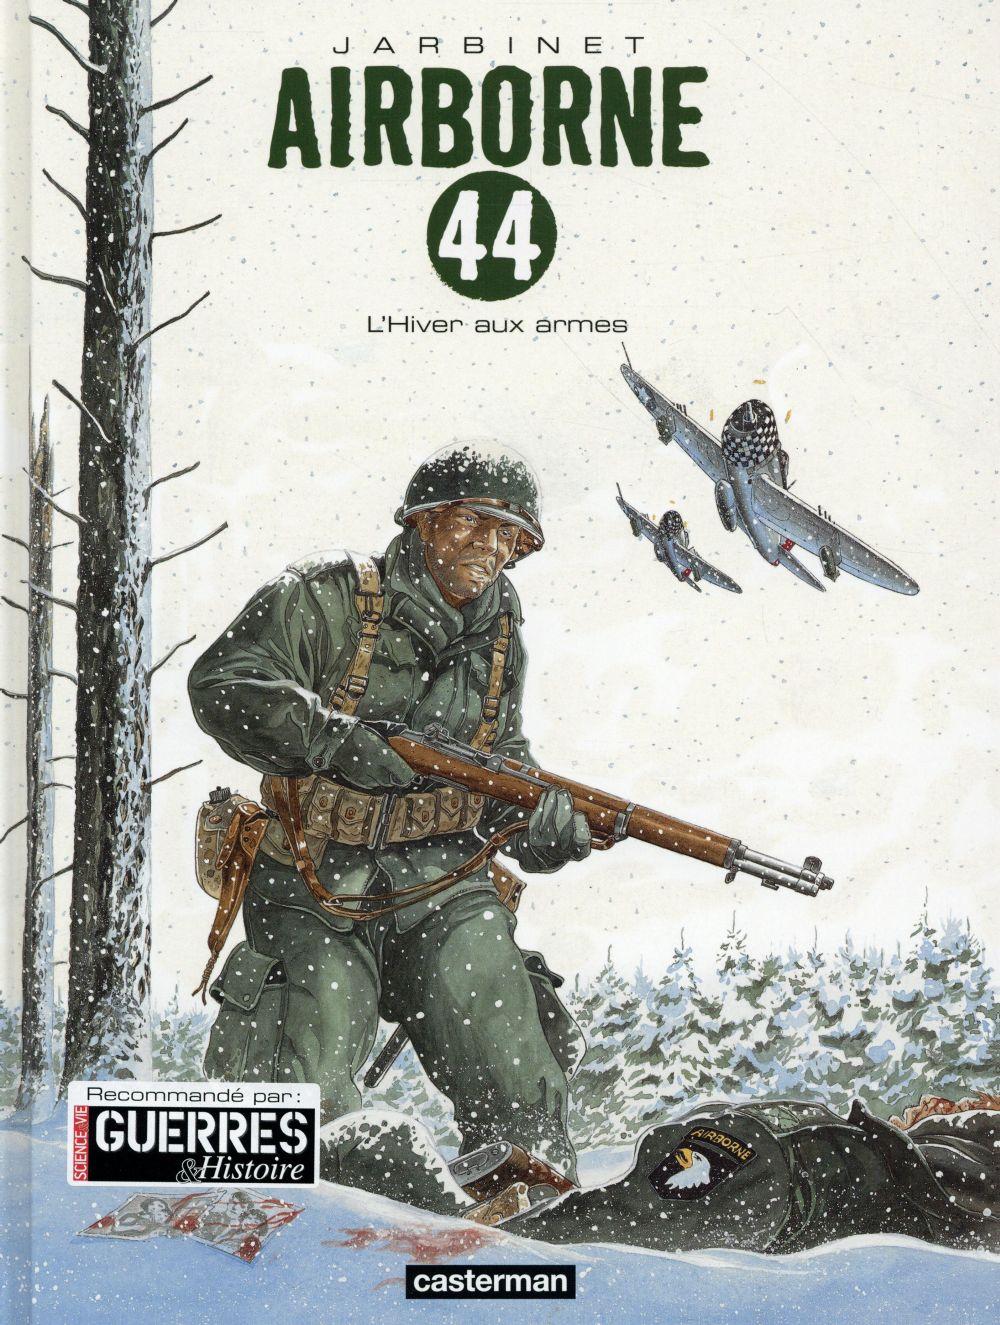 Airborne 44 L'hiver aux armes Vol.6 Jarbinet Philippe Casterman